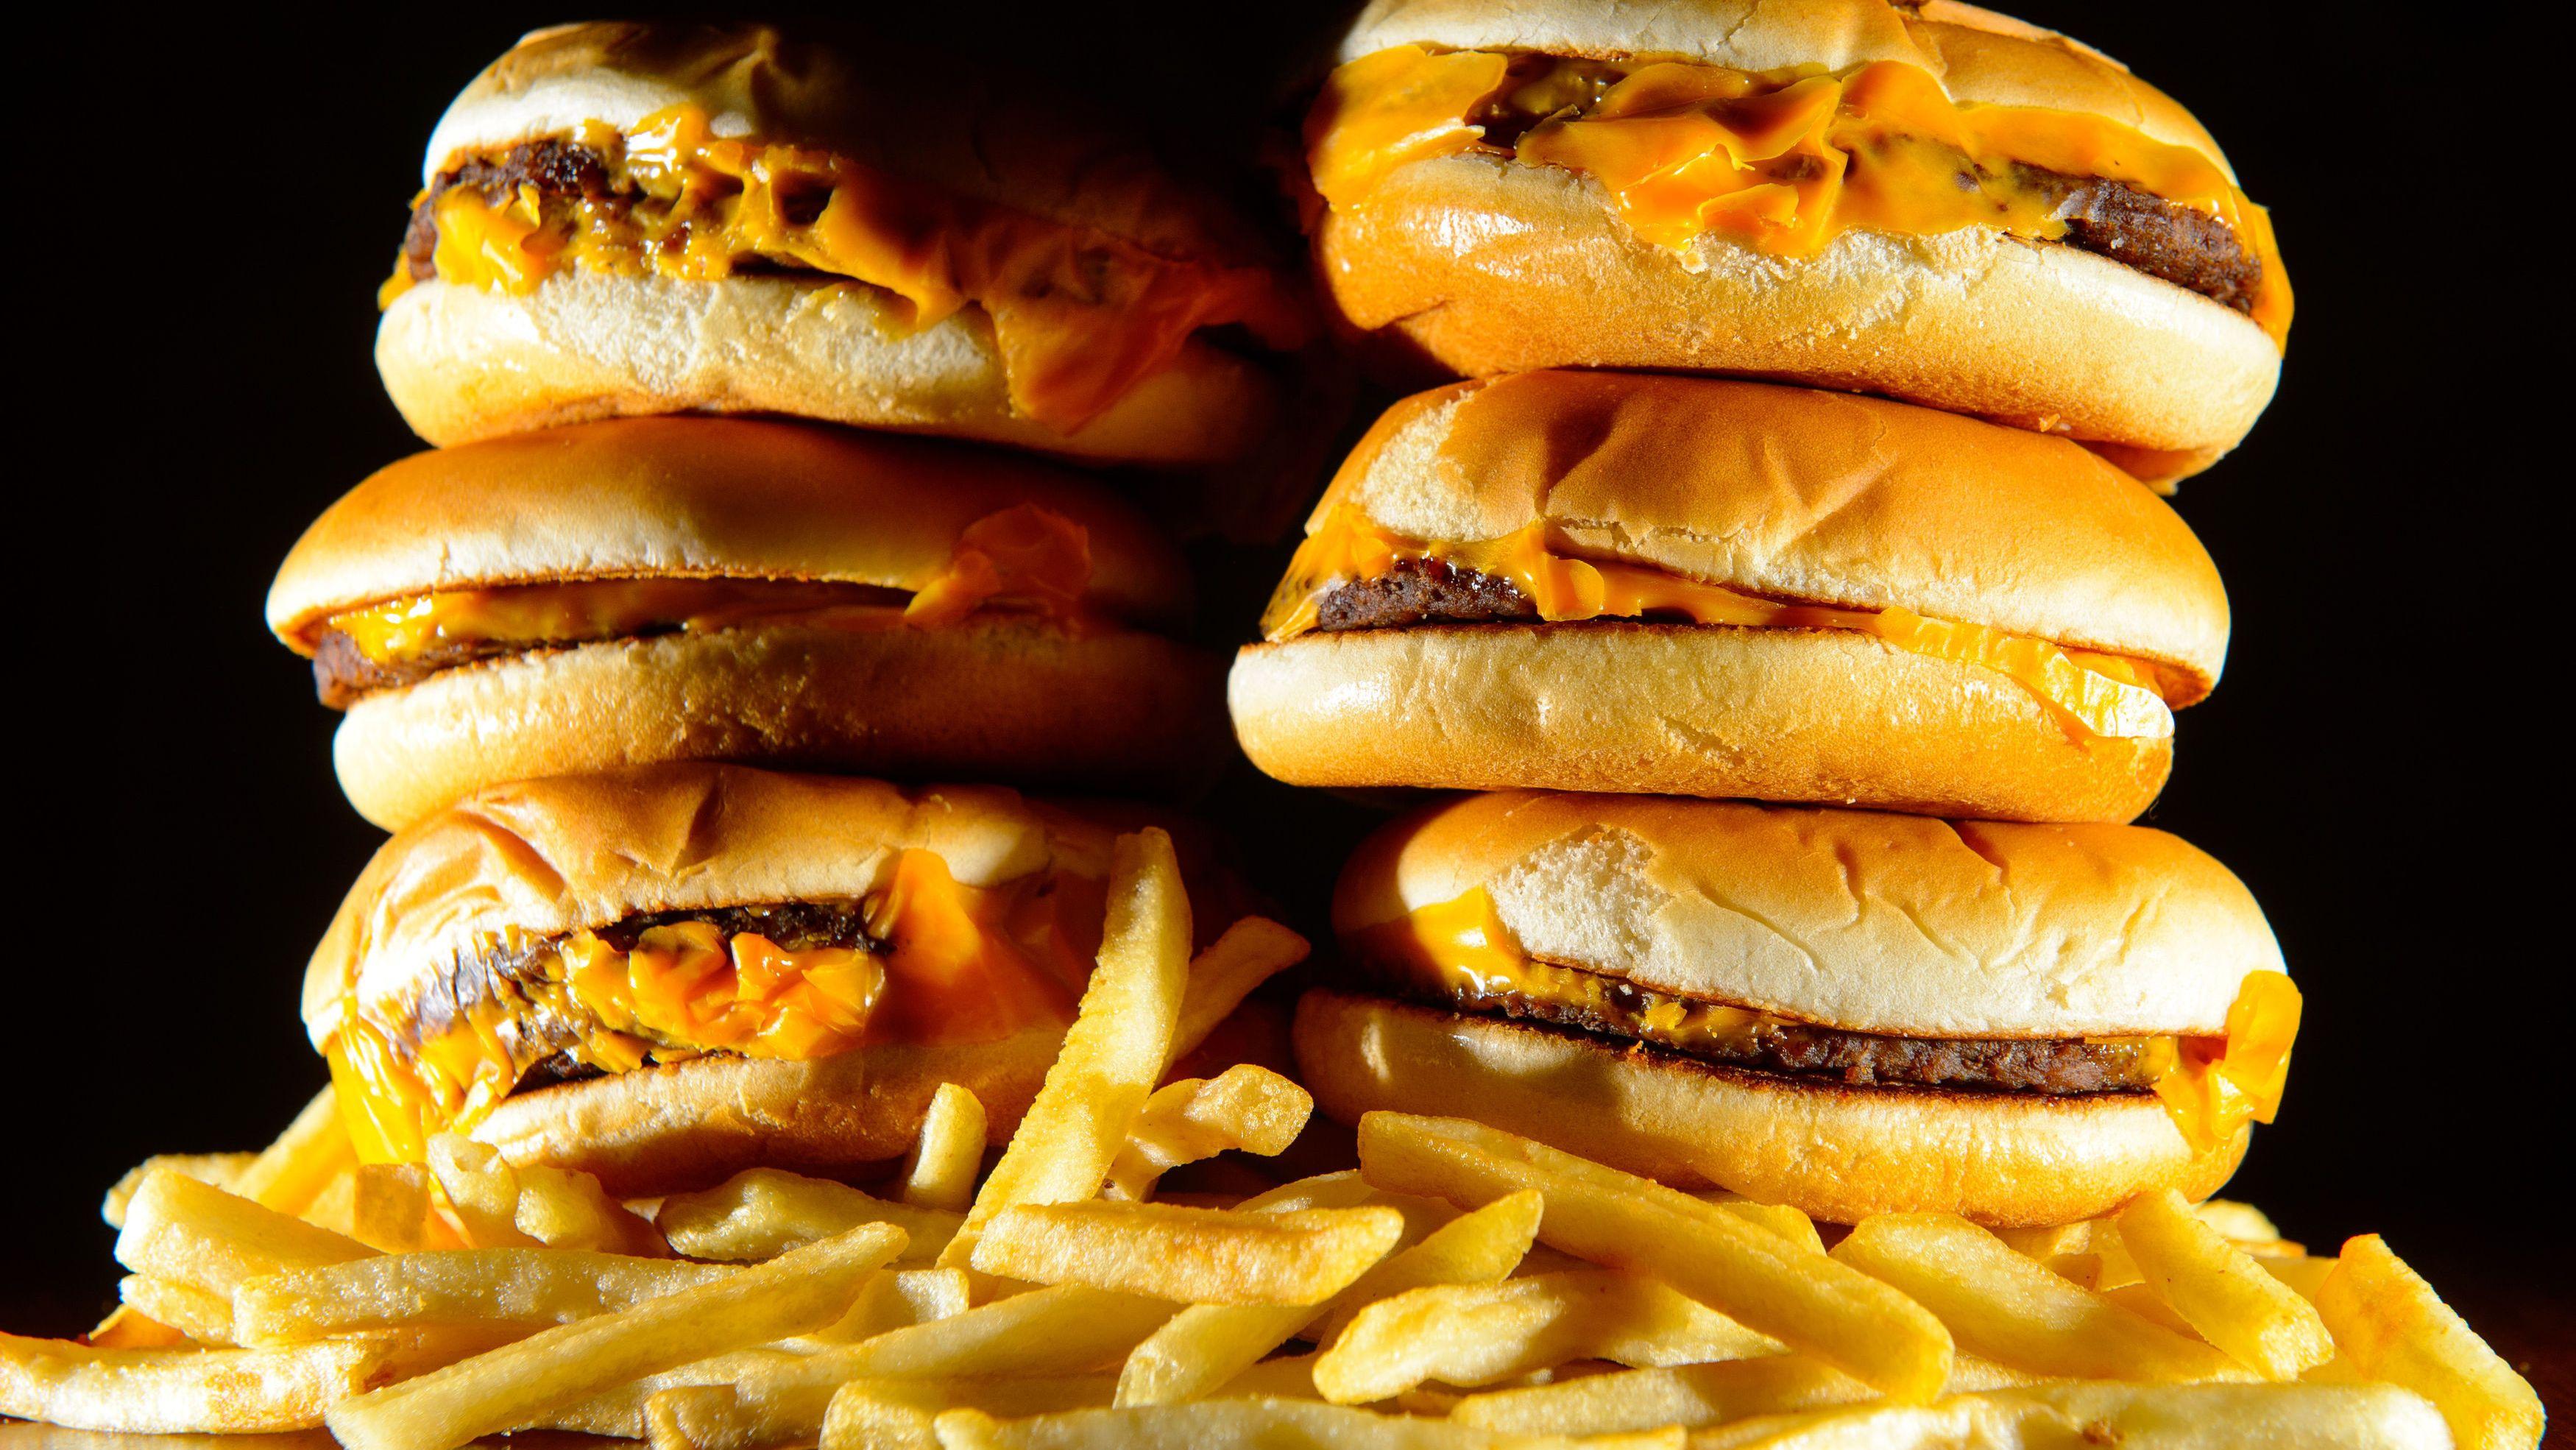 Fast-Food ist mittlerweile fast überall auf der Welt zugänglich, auch in ländlichen Regionen. Es ist ein Grund für das Adipositas-Problem, das sich fast überall zeigt.